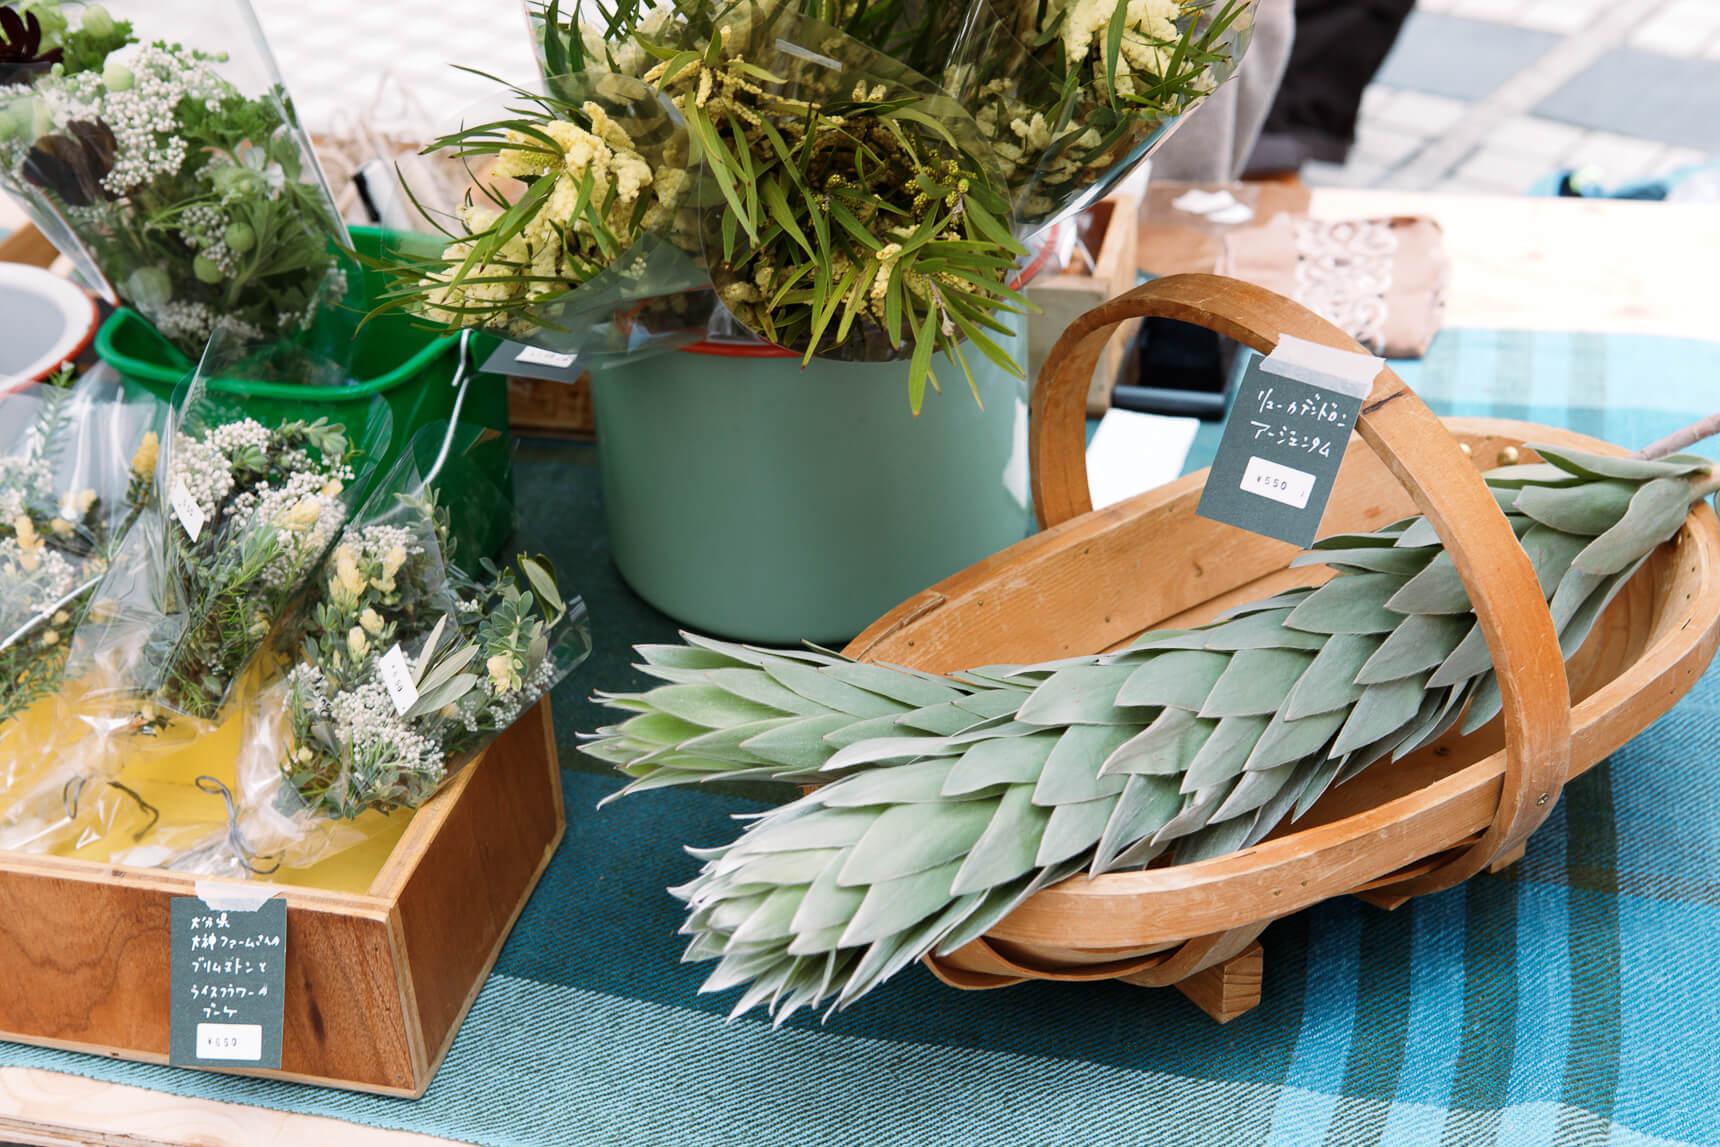 植物と共生する在り方を問うマーケット「Flower & Green Market」(東京・表参道)